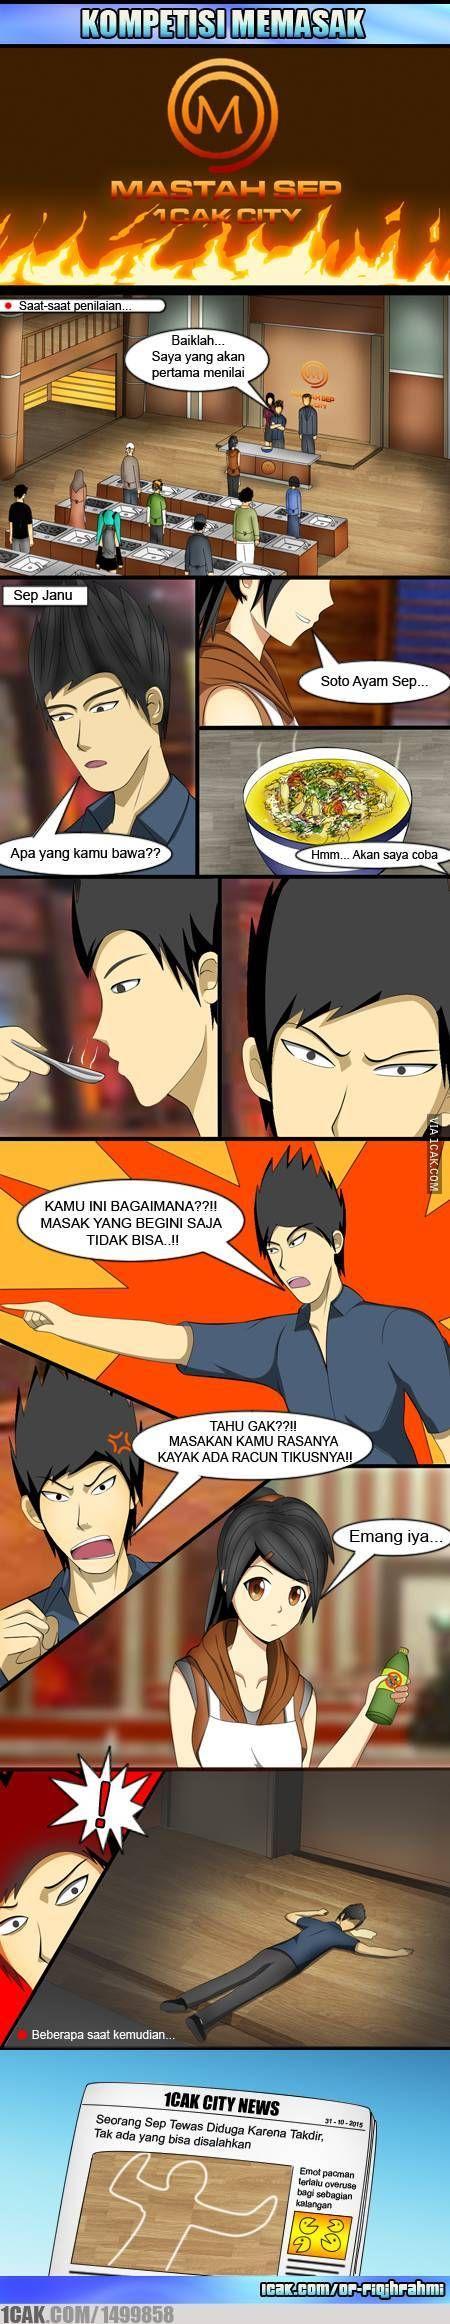 Rasis 1cak Meme Indonesia Lucu V V Pinterest